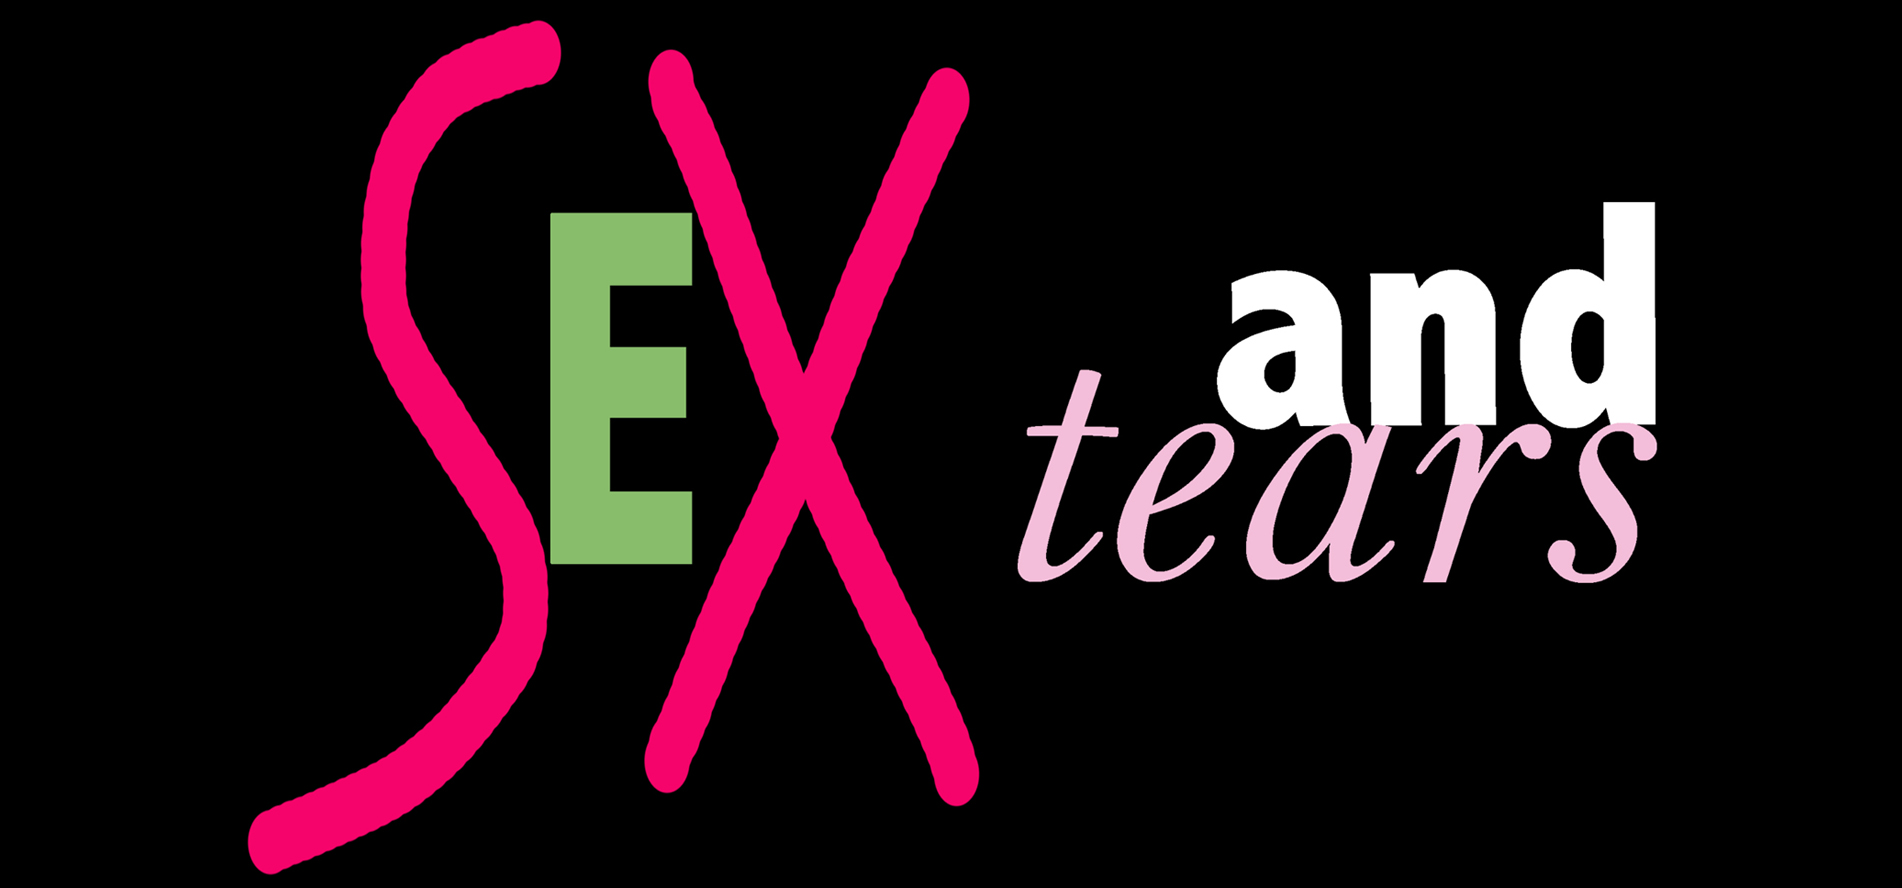 Sex and Tears 2.jpg